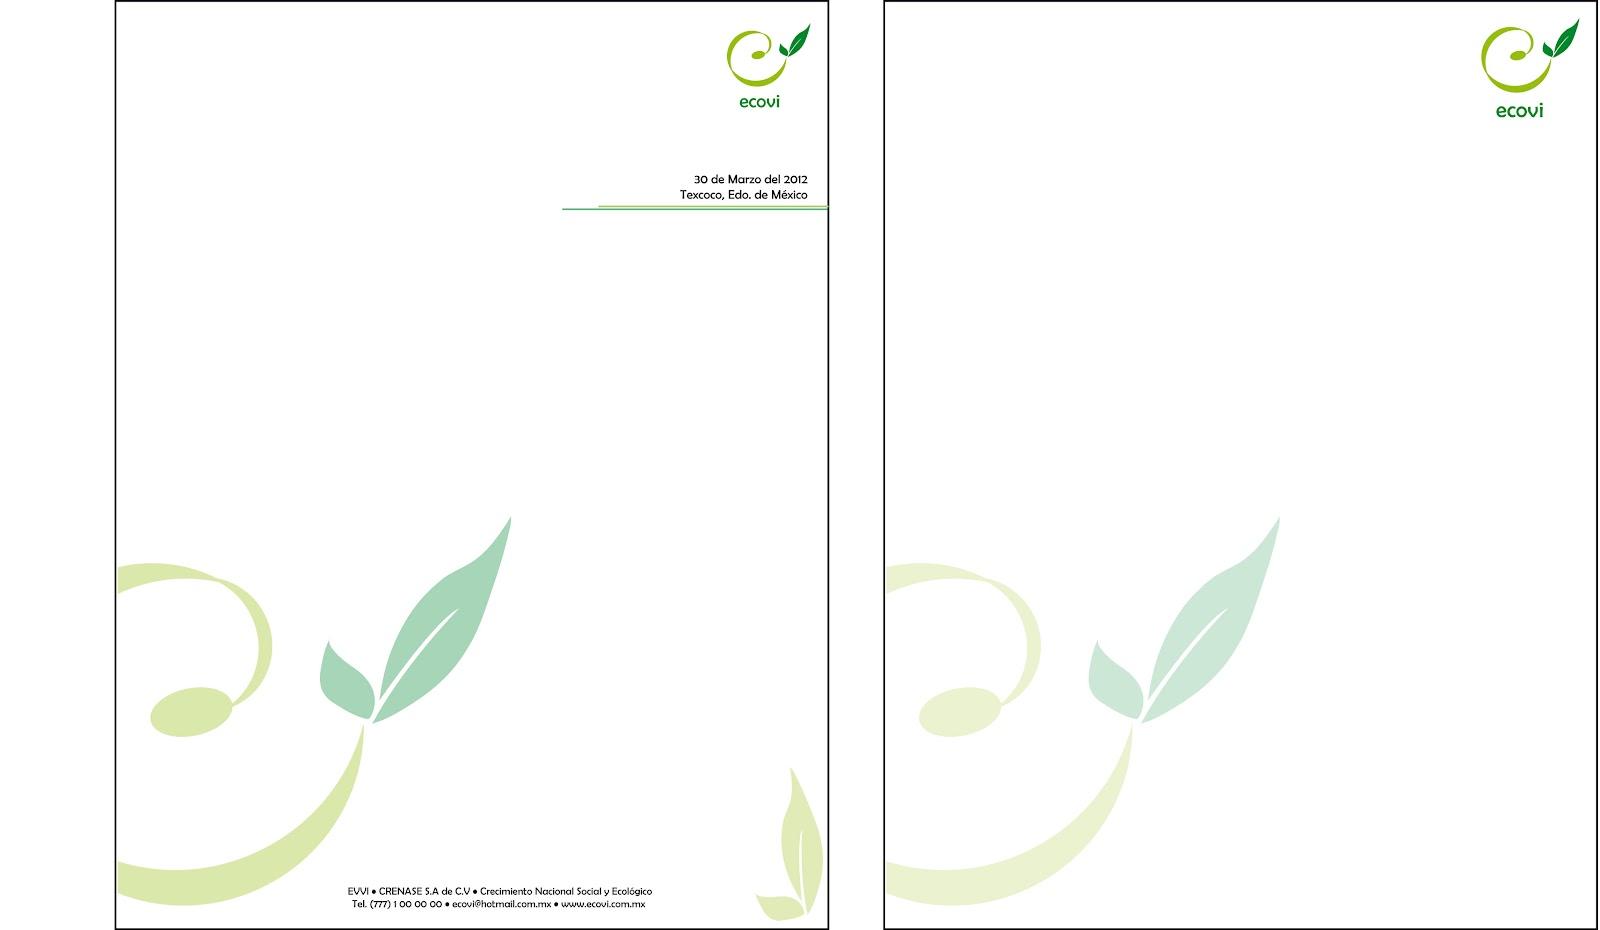 hojas membretadas gratis: